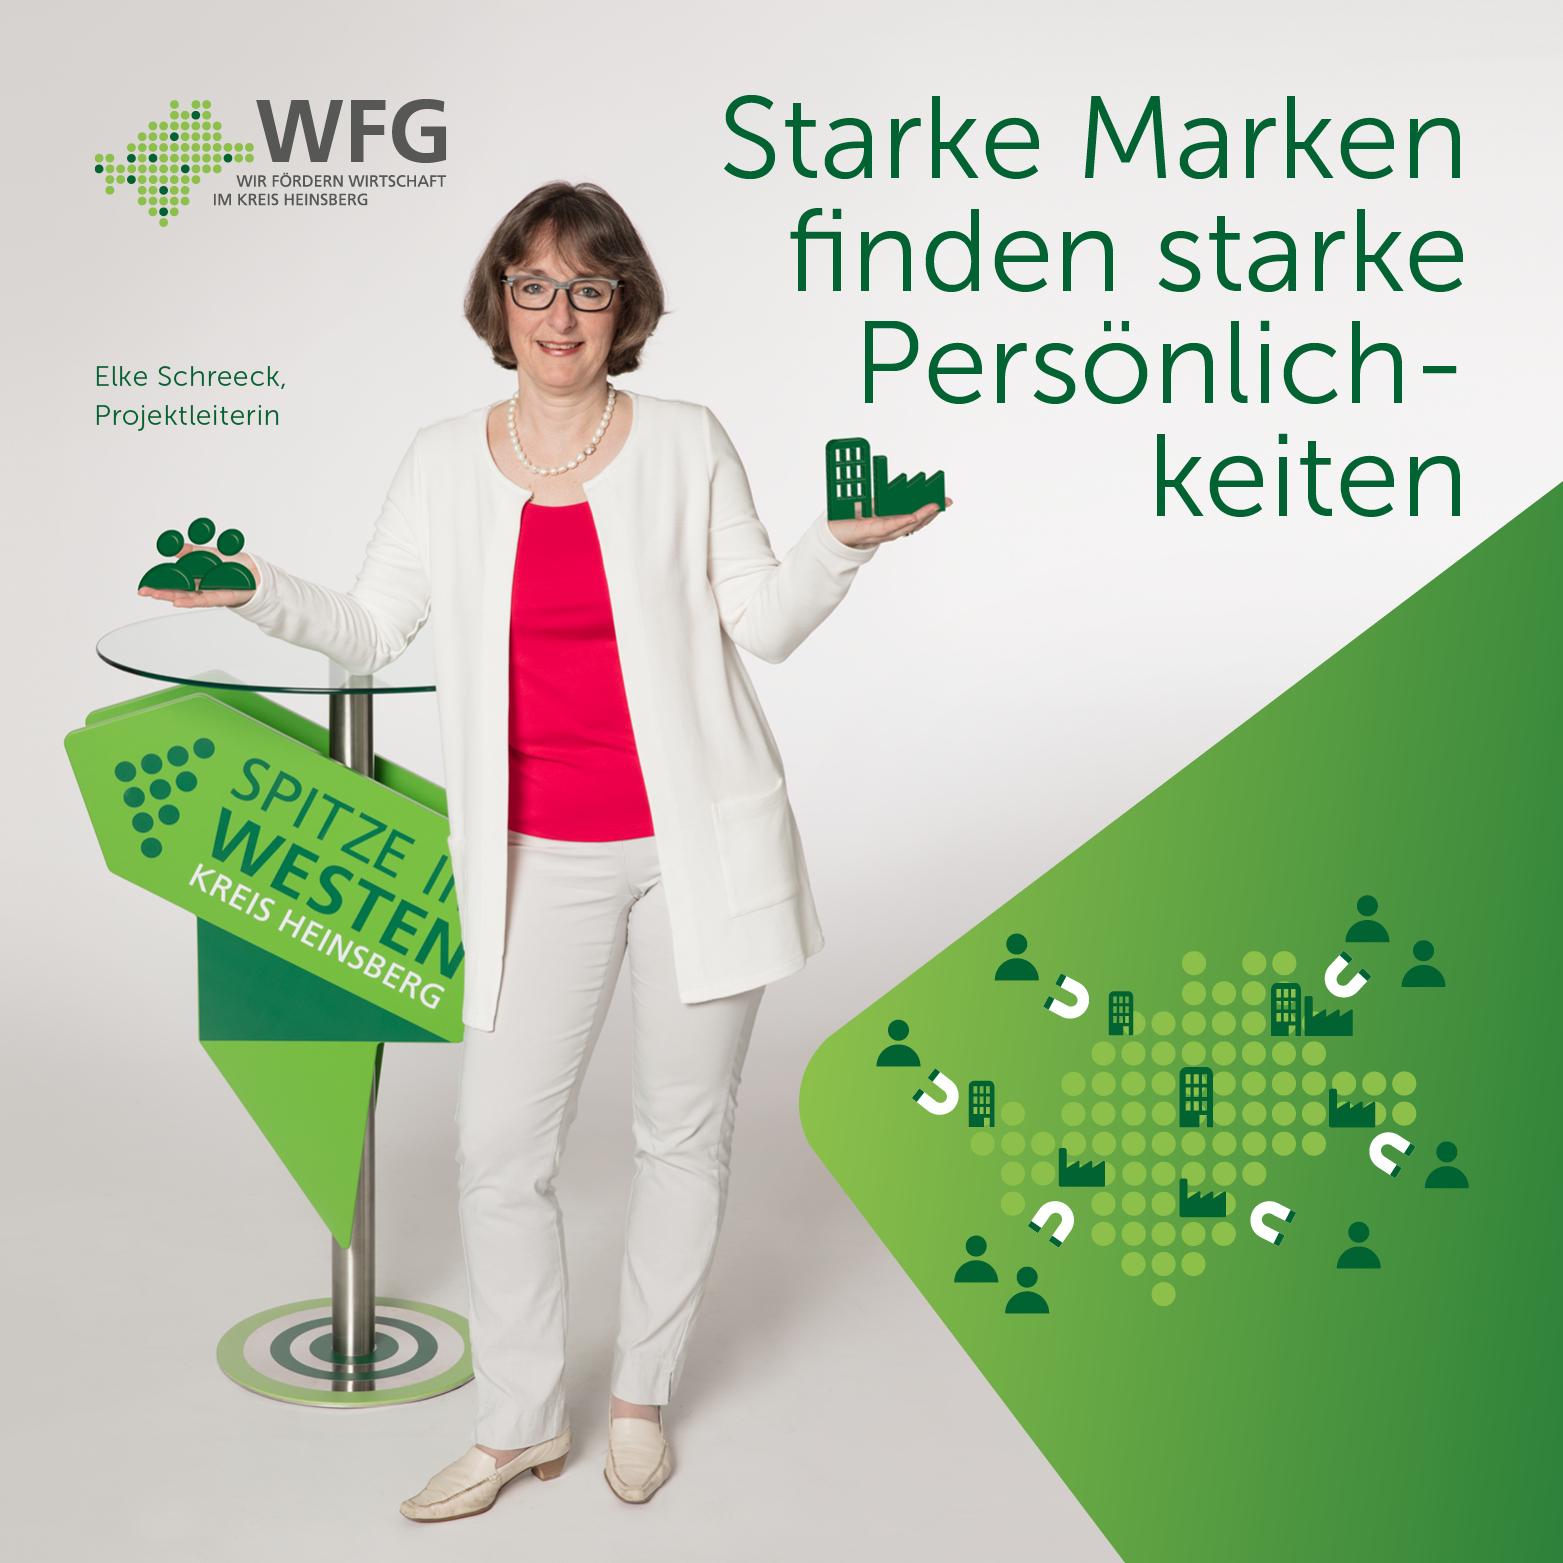 SiW4_WFG-Motive_Header_starkeMarken